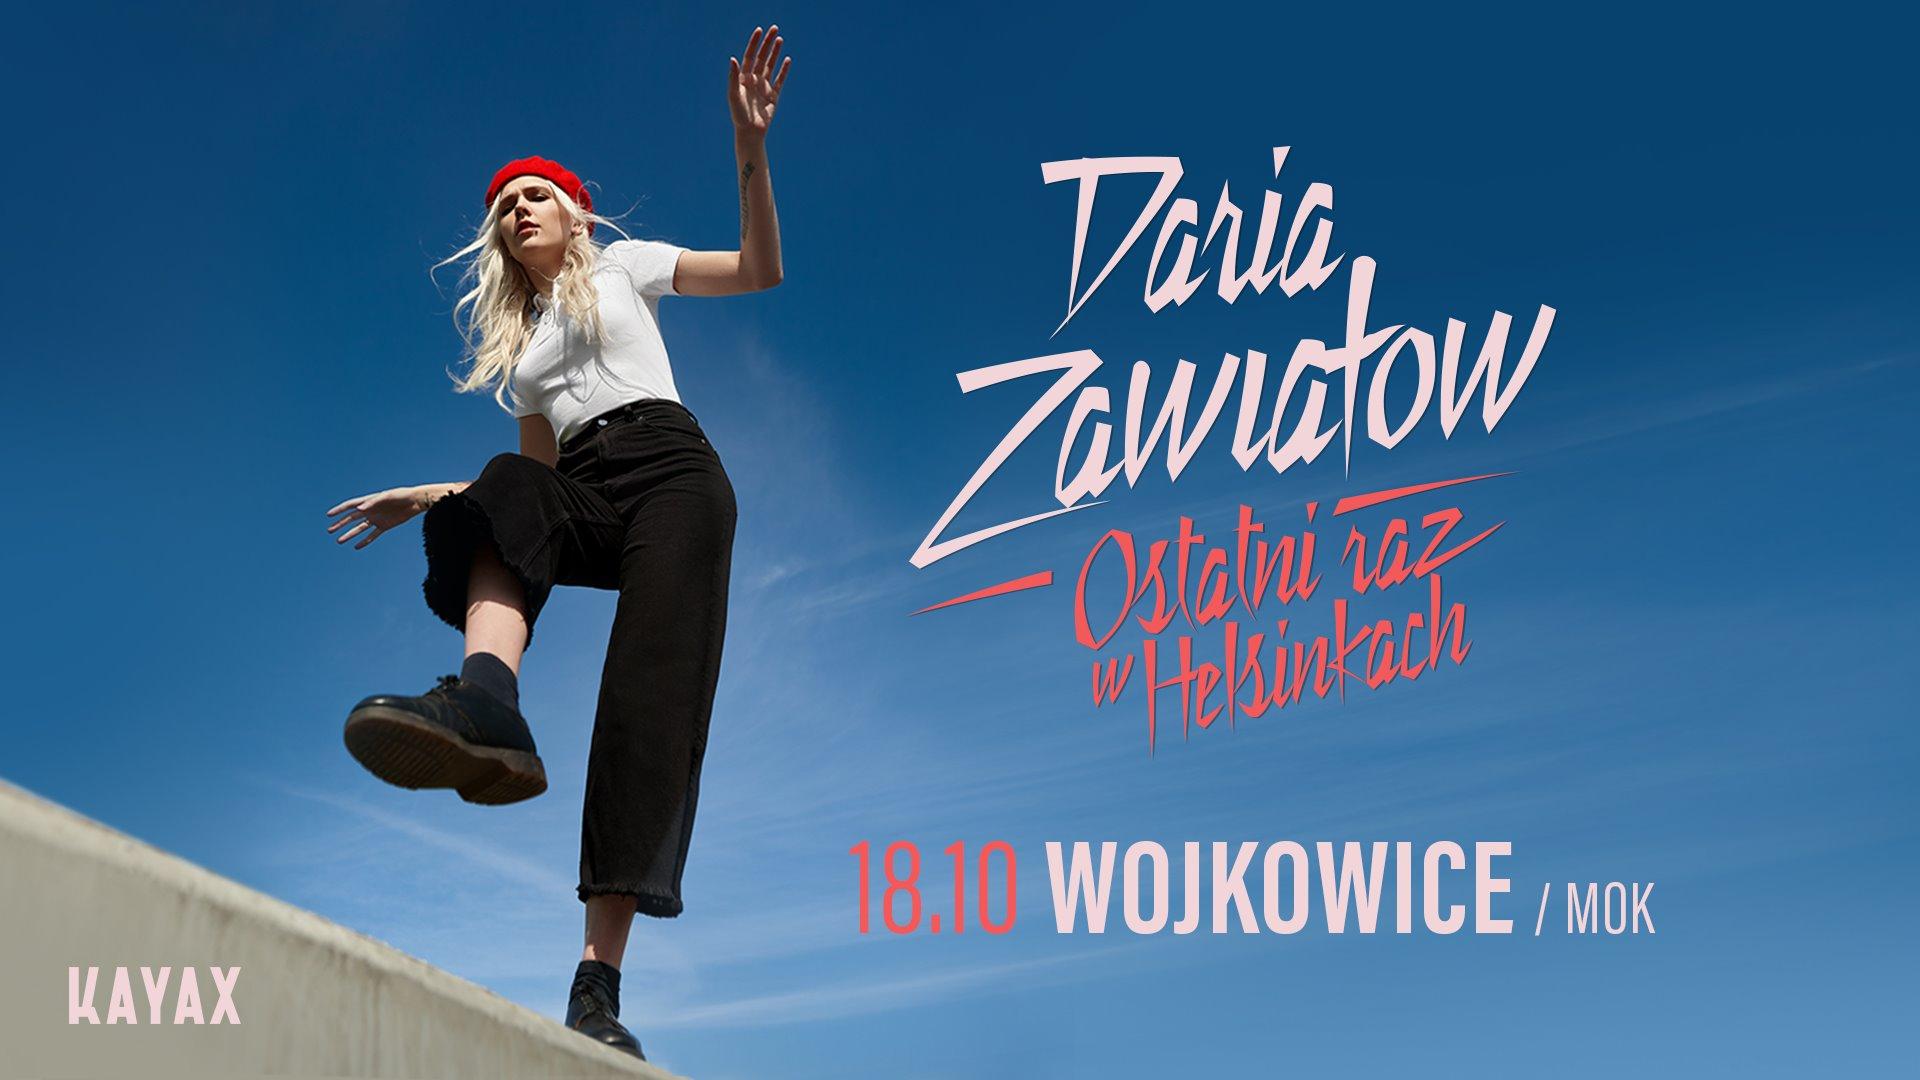 Slider na koncert Darii Zawiałow w MOK Wojkowice